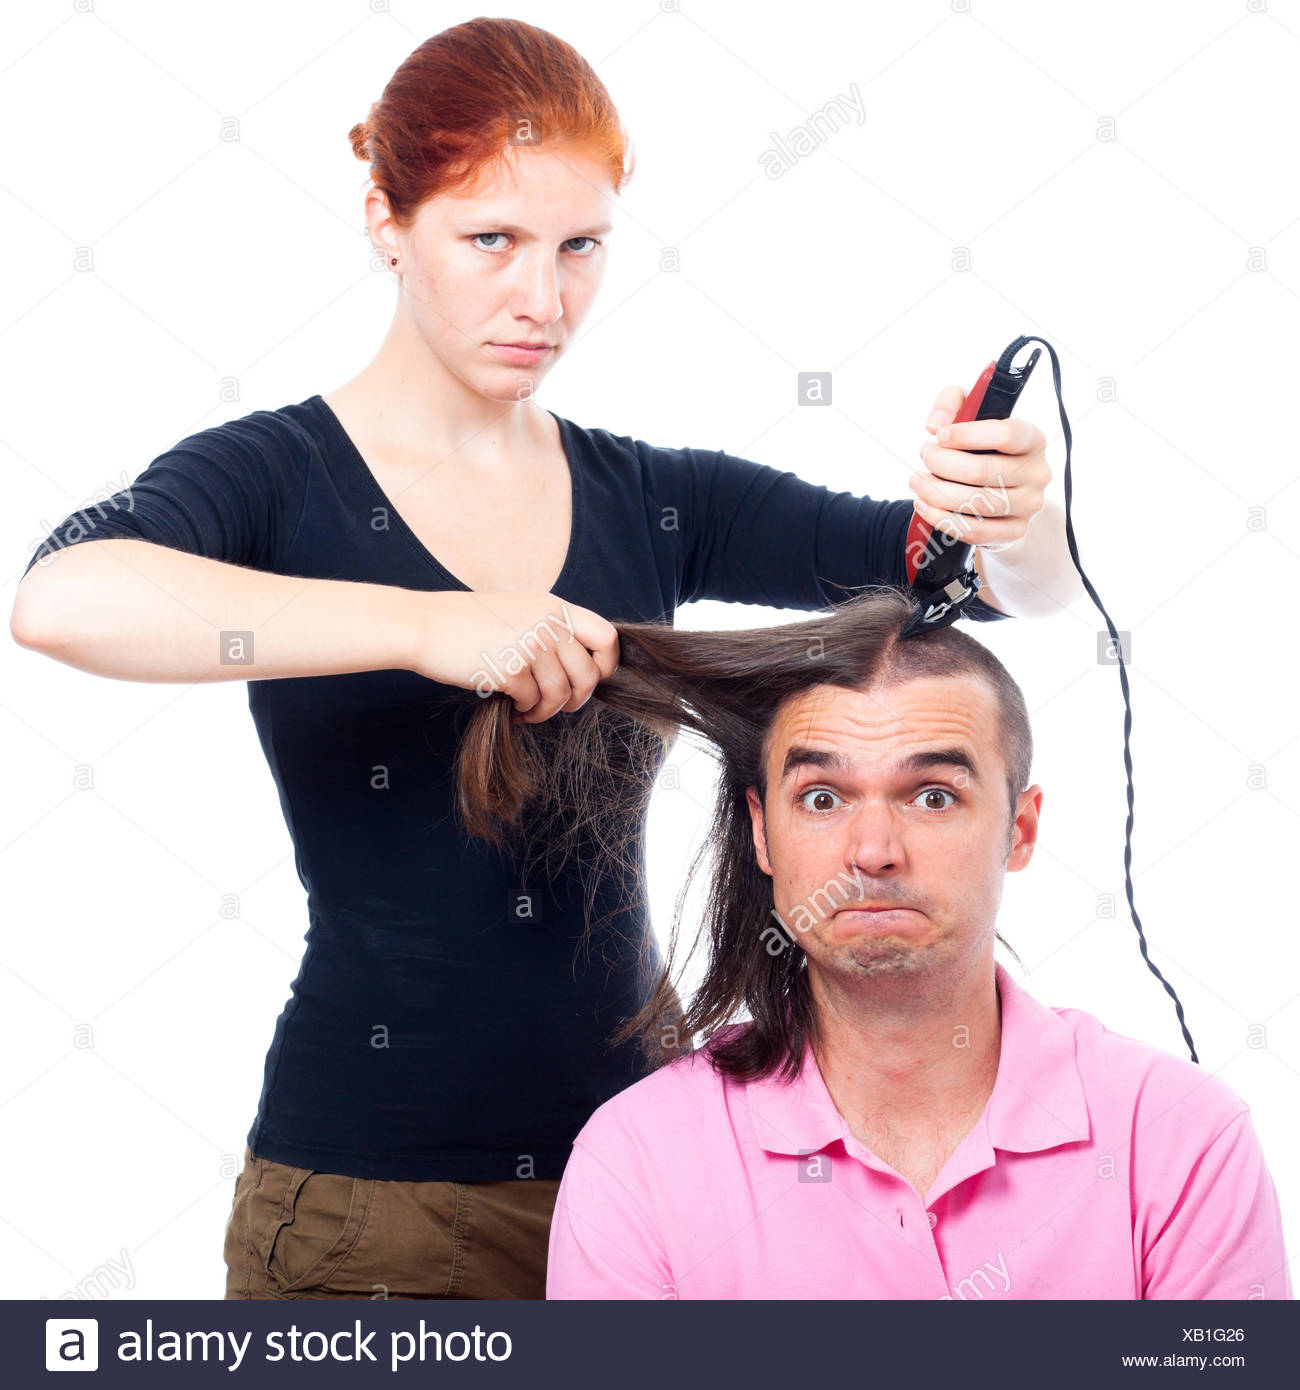 Lustig Verruckt Friseur Haarschnitt Haare Mann Frau Mensch